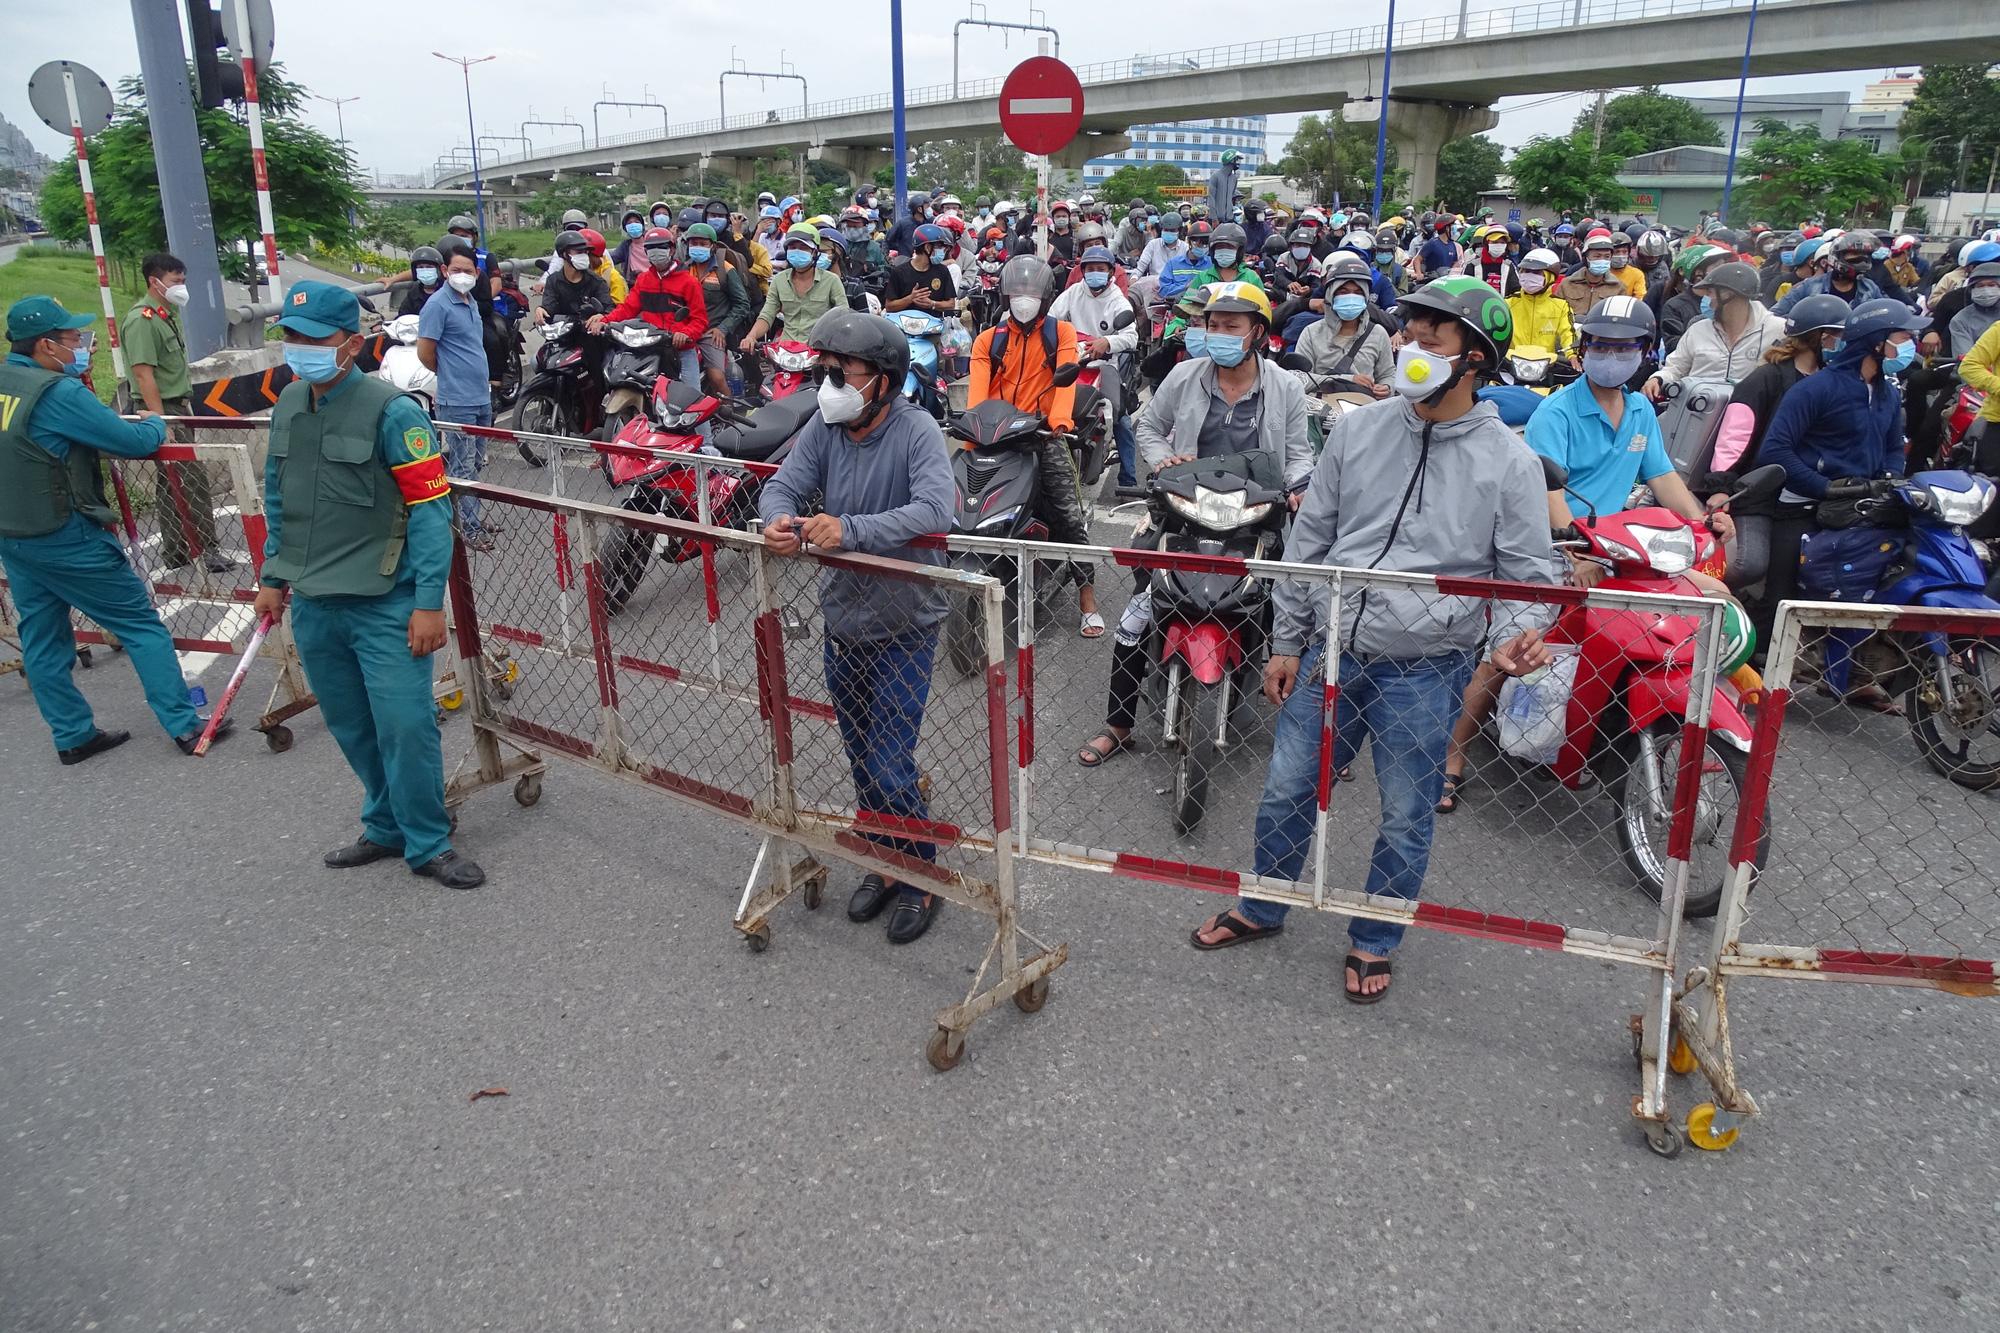 Hàng ngàn người về quê phải quay đầu xe tại cửa ngõ TP HCM - Ảnh 1.